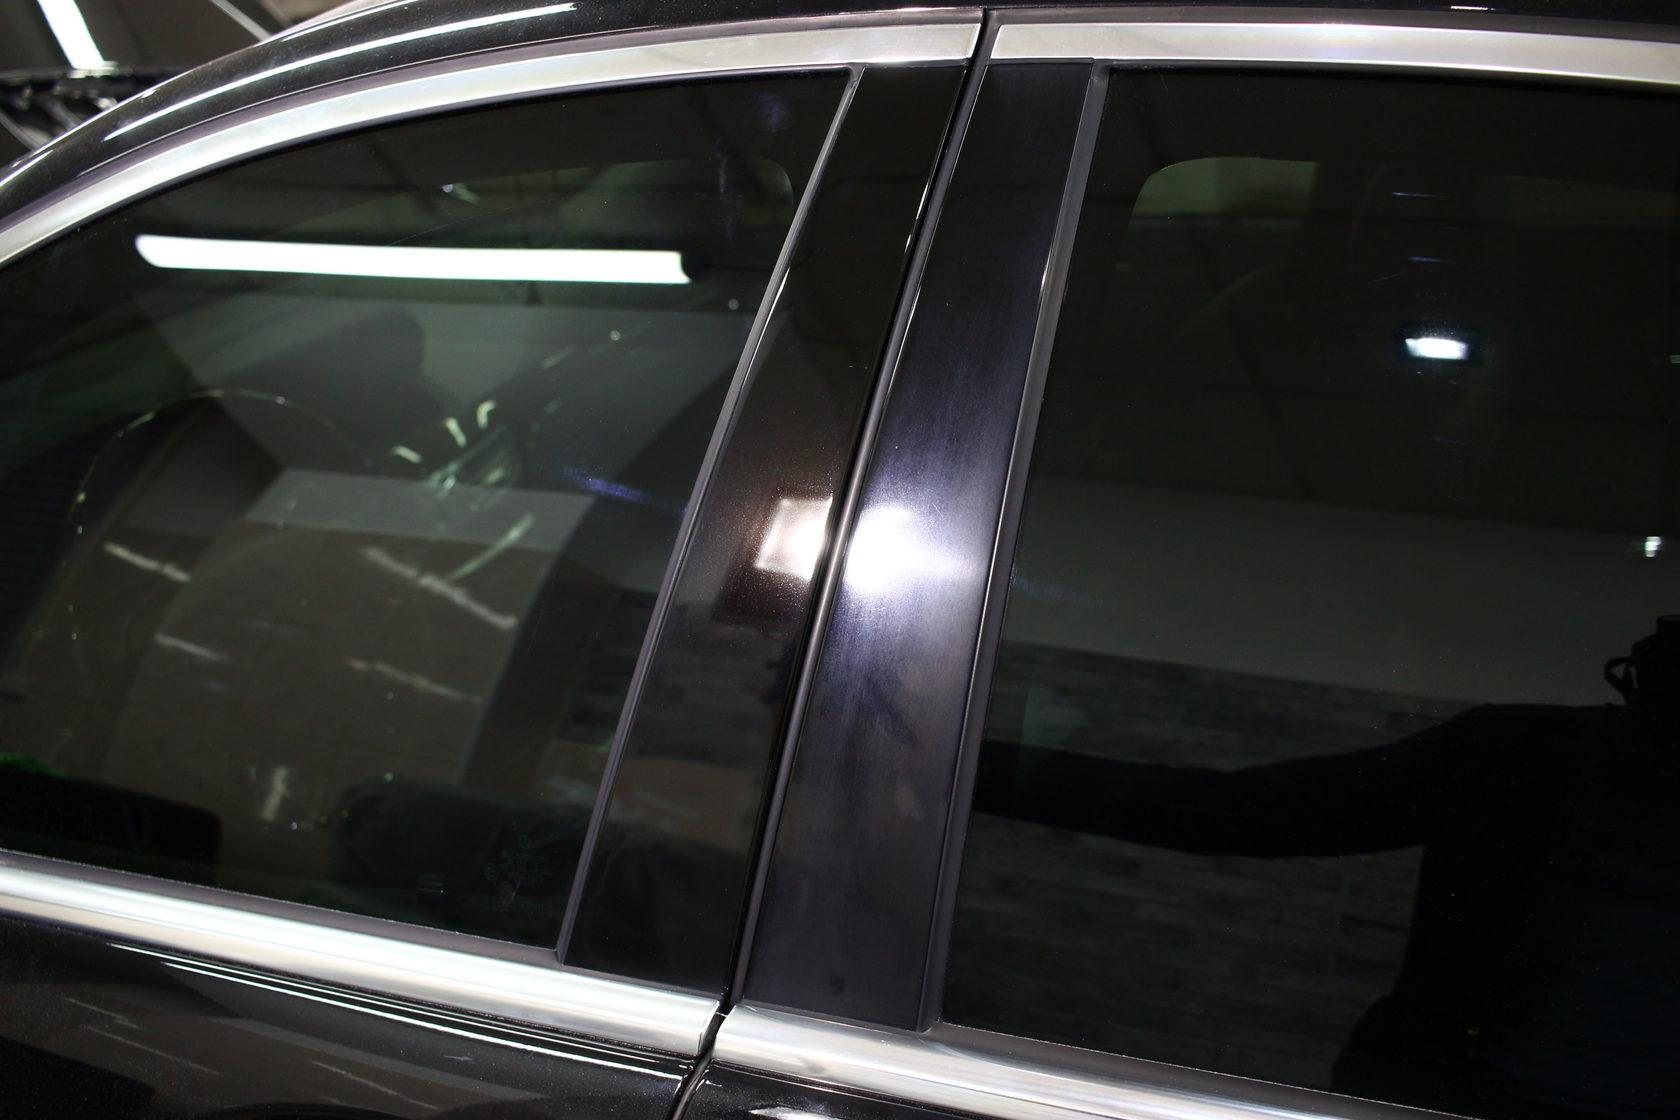 Полировка, детейлинг, детейлинг-полировка, жидкое стекло, керамика кузова жидкое стекло для кузова, восстановительная полировка, mercedes w221, mercedes s class 221